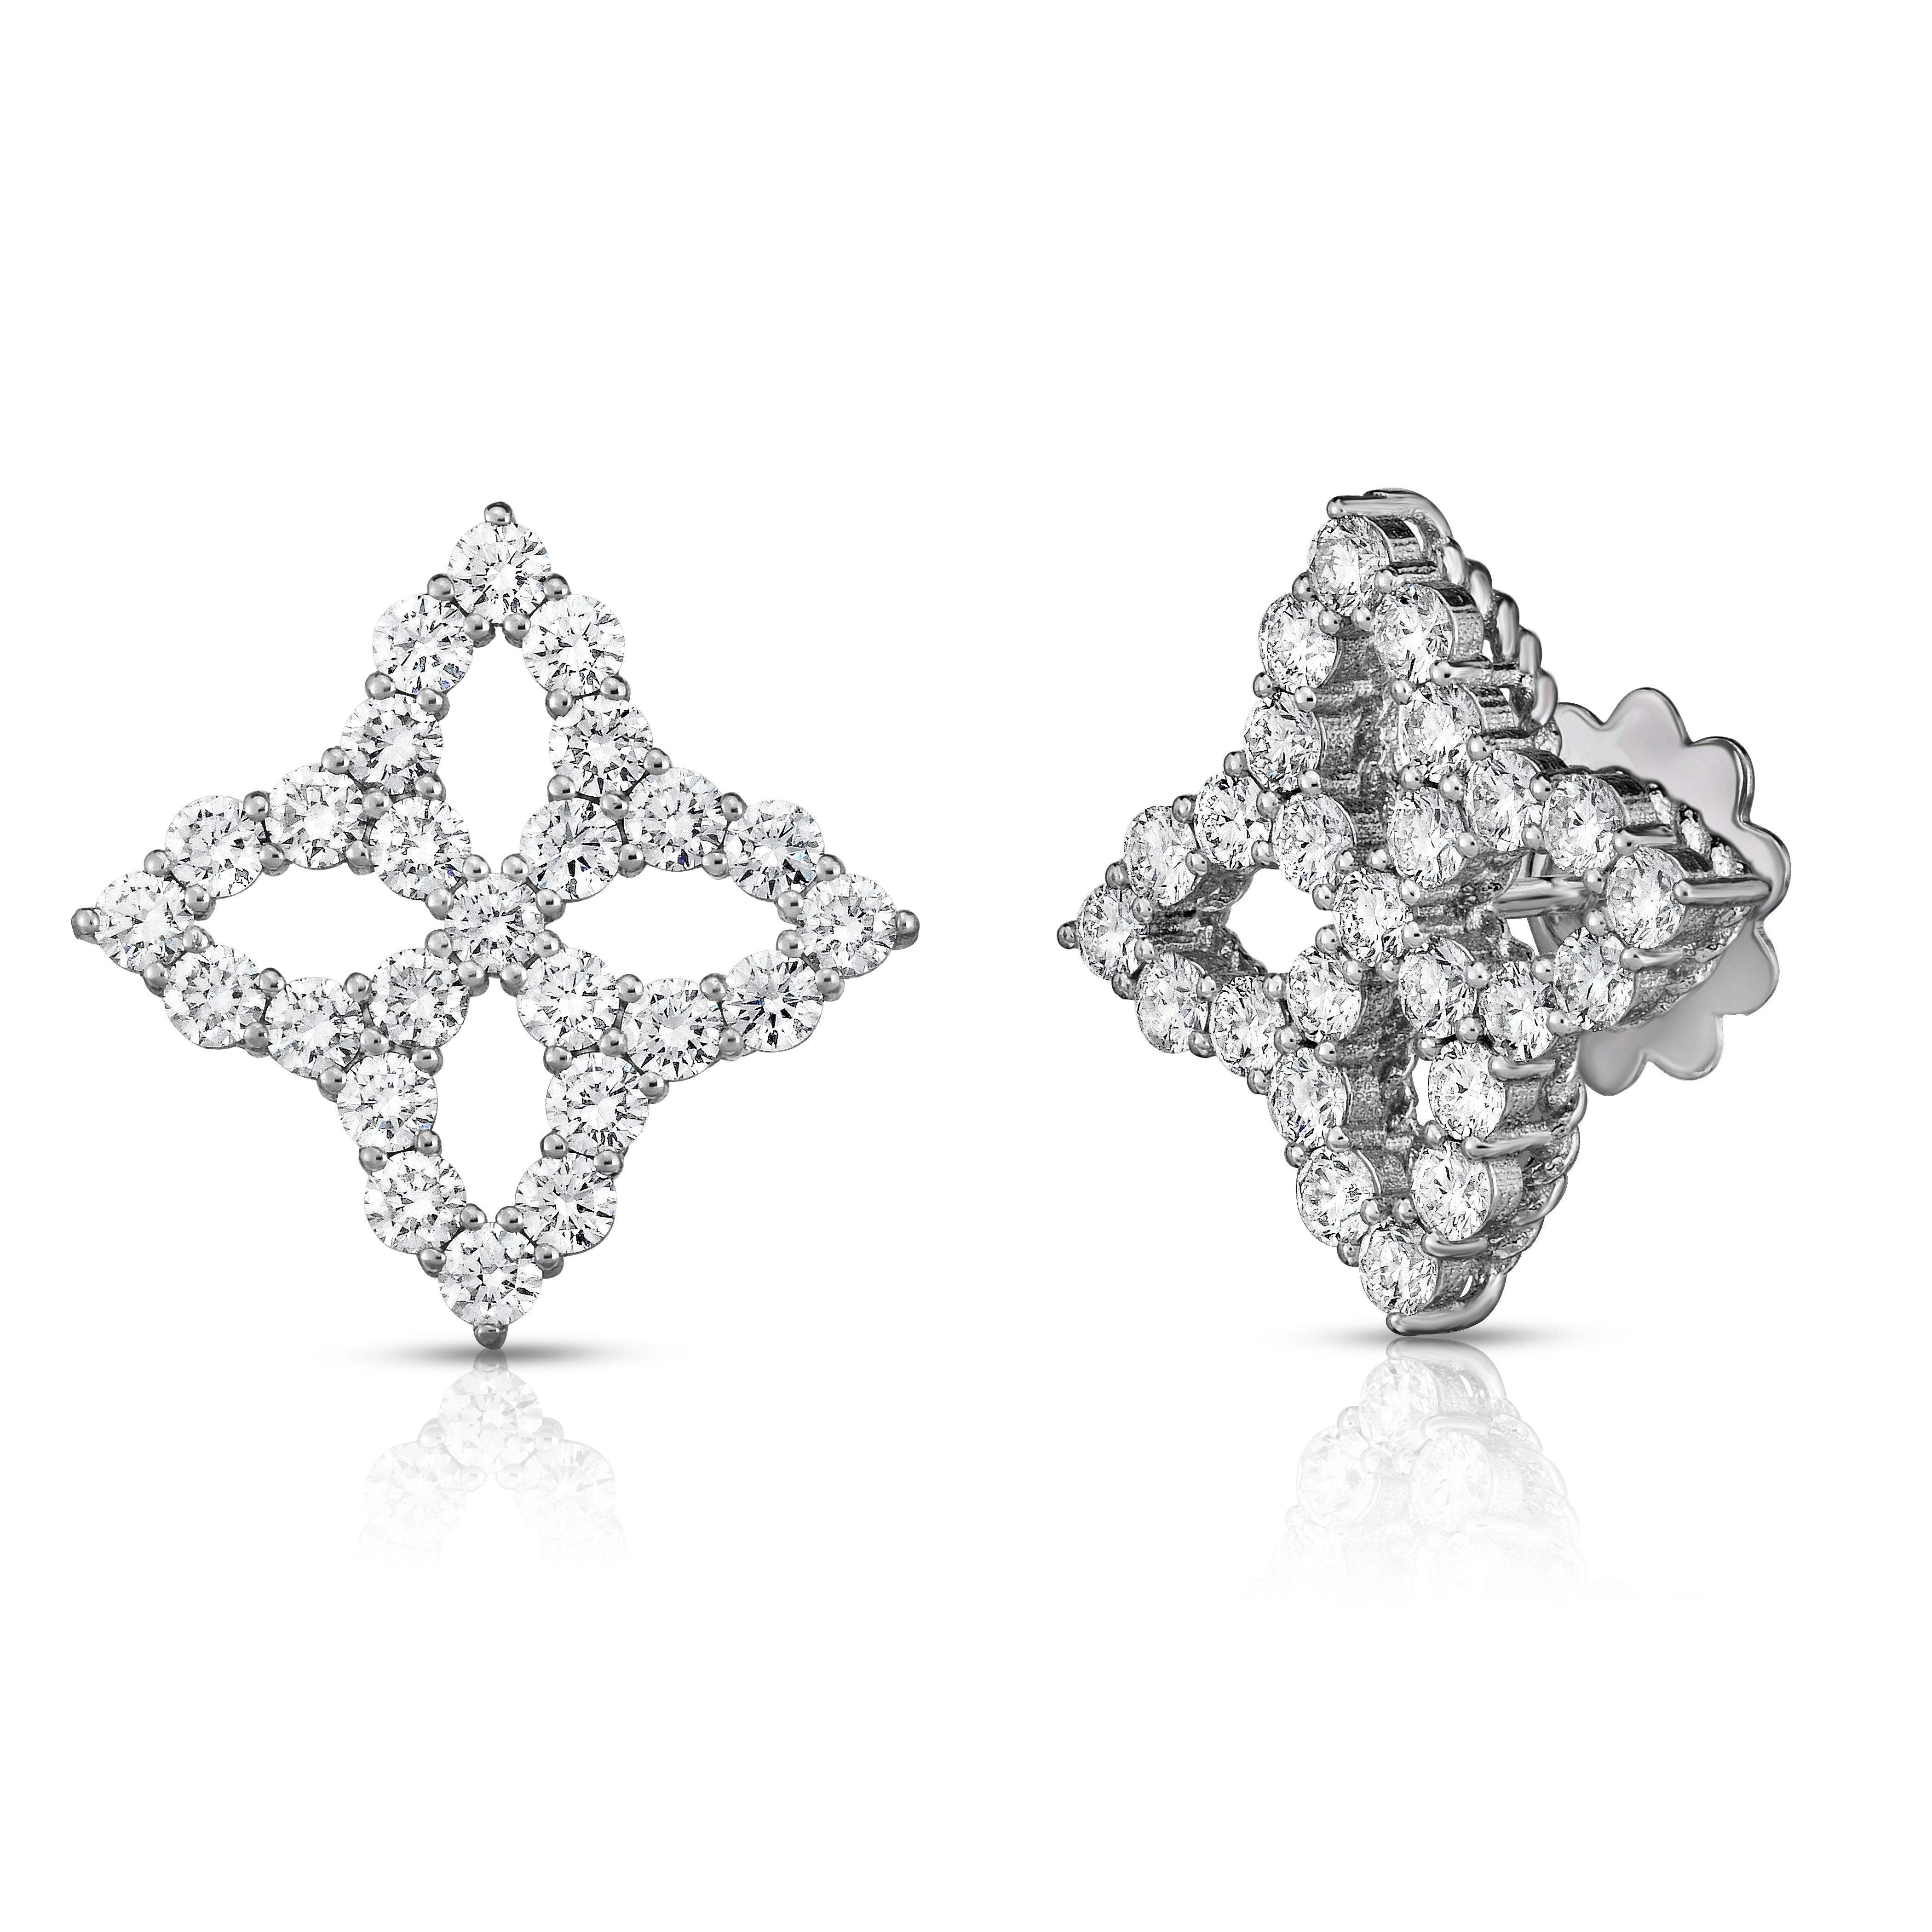 Princess Flower diamond studs